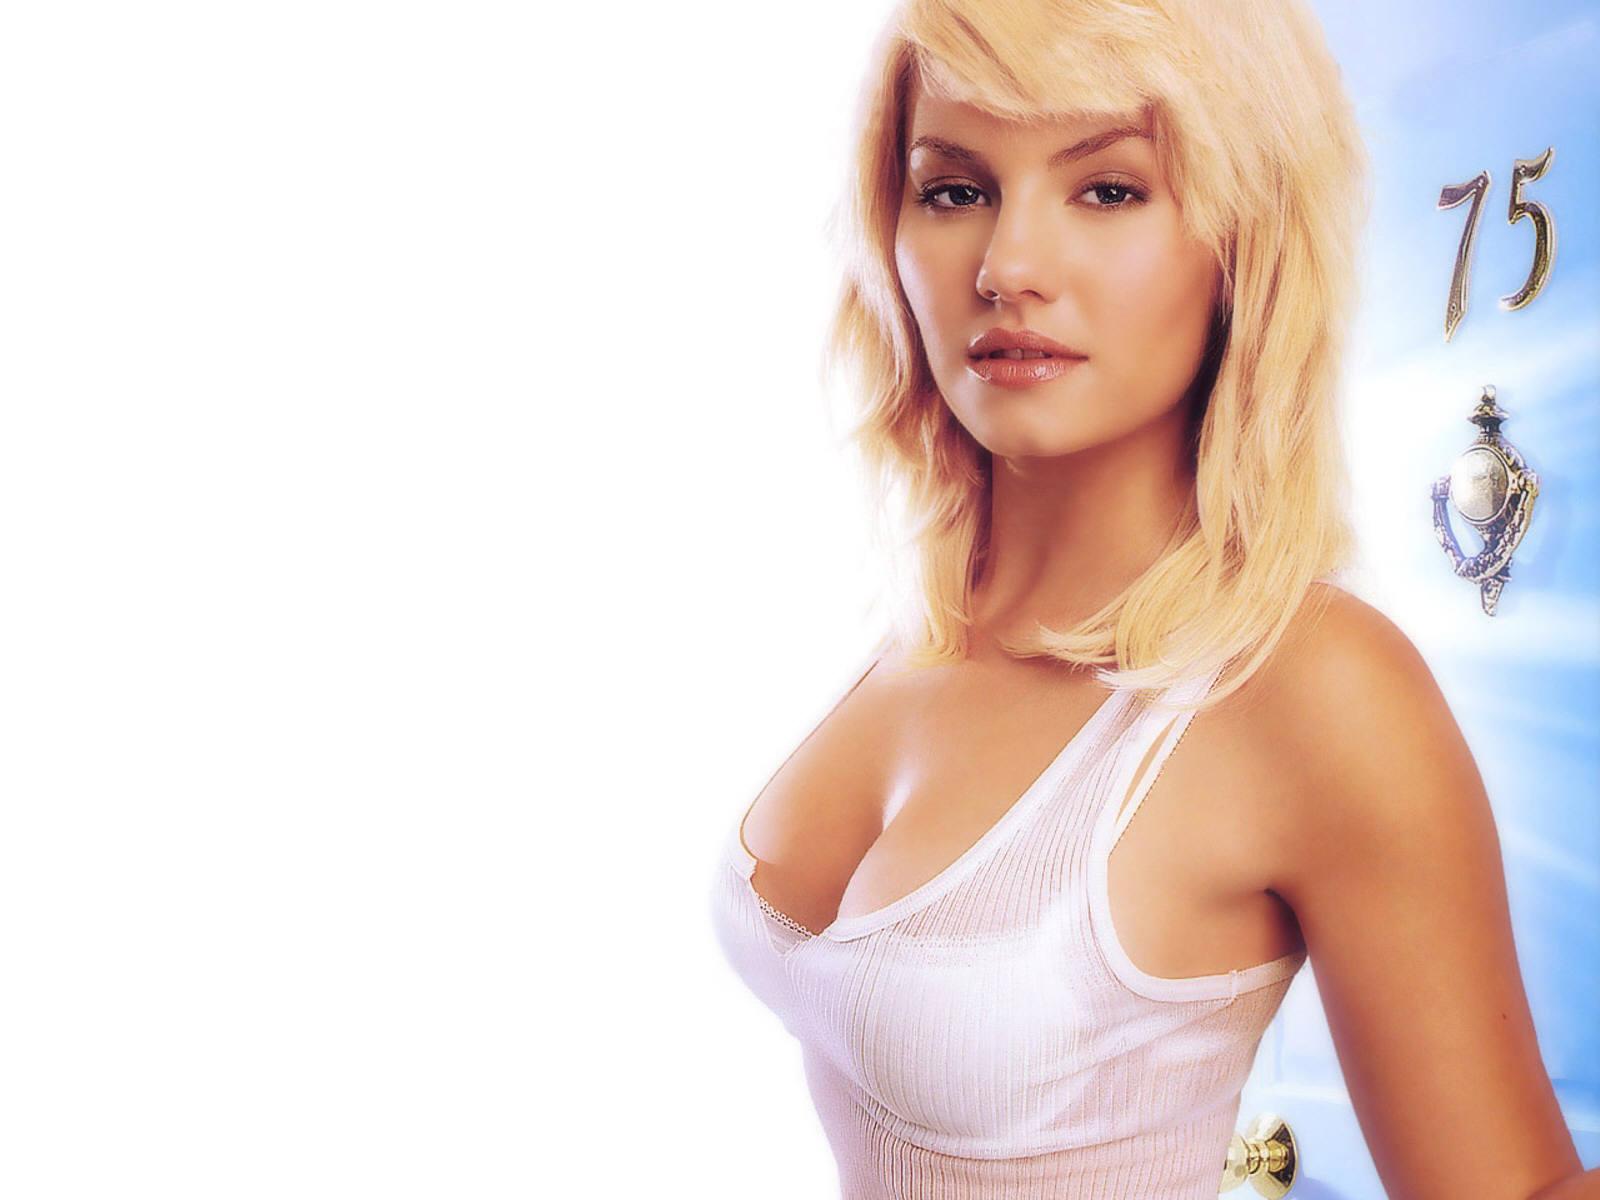 http://3.bp.blogspot.com/-X3Hu7XrL5NQ/TYN8G50GzSI/AAAAAAAABZQ/VIfe6BJH4wA/s1600/actress_elisha_cuthbert_hot_wallpaper_13.jpg